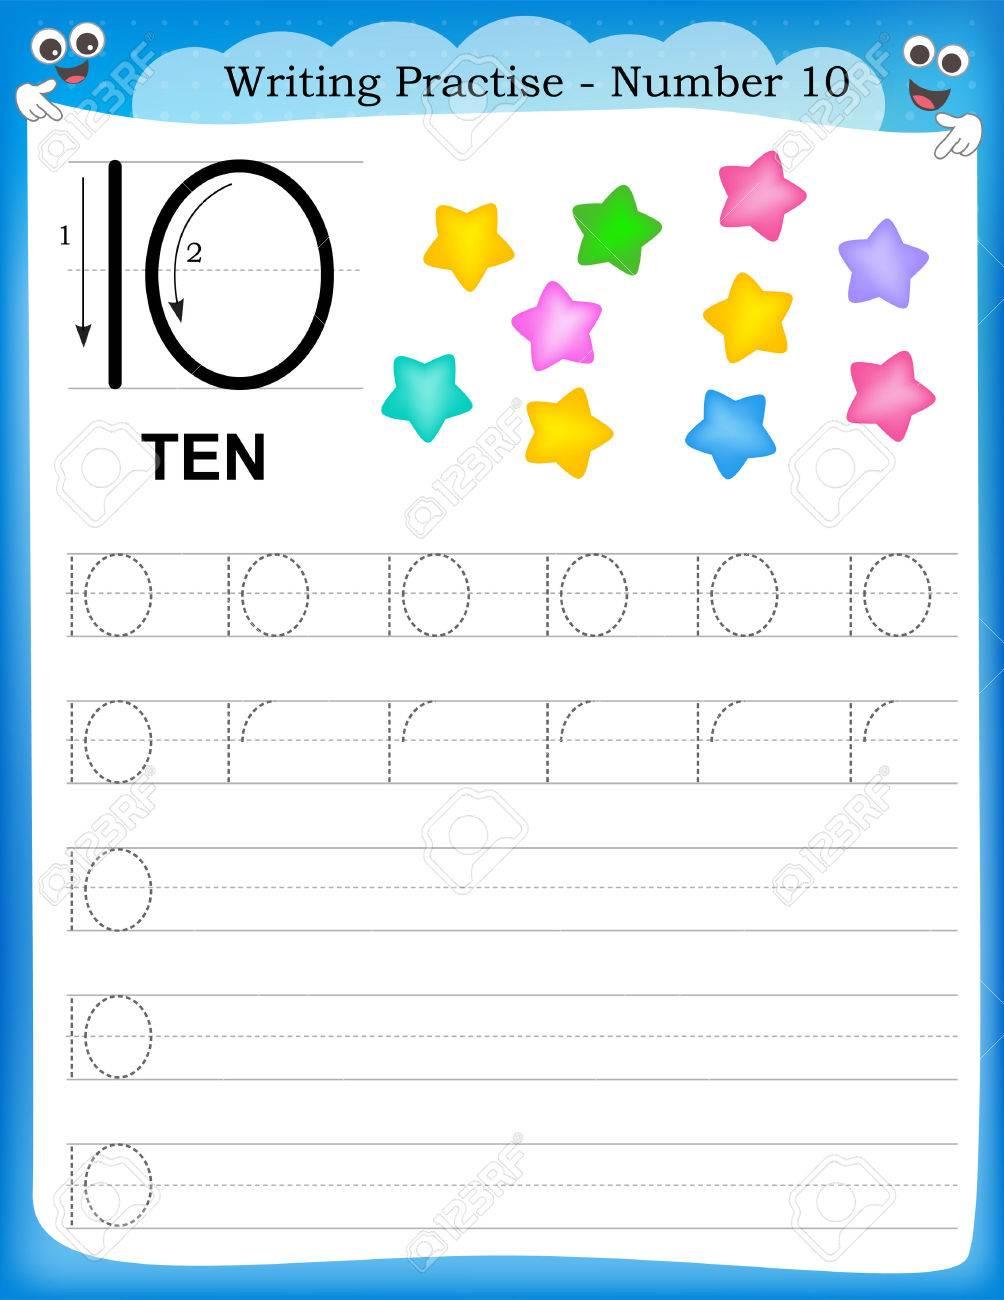 Writing Practice Number Ten Printable Worksheet For Preschool ...